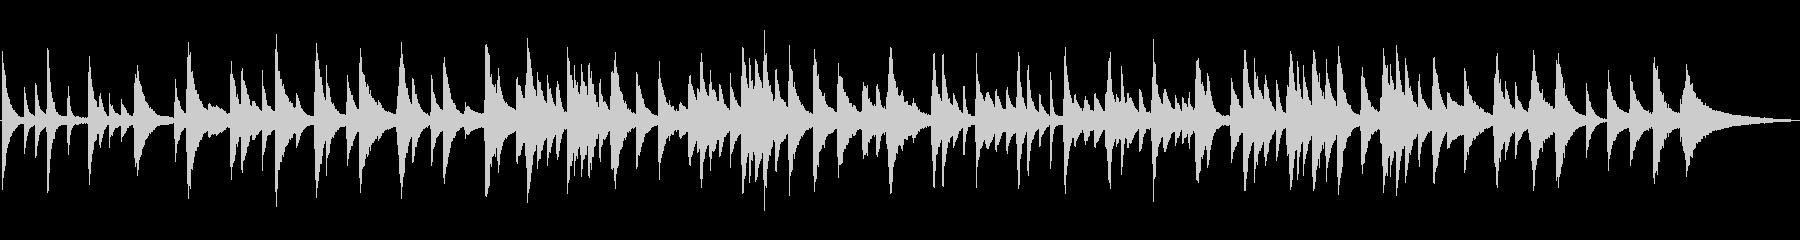 しっとり静かなピアノソロ/ジャズラウンジの未再生の波形